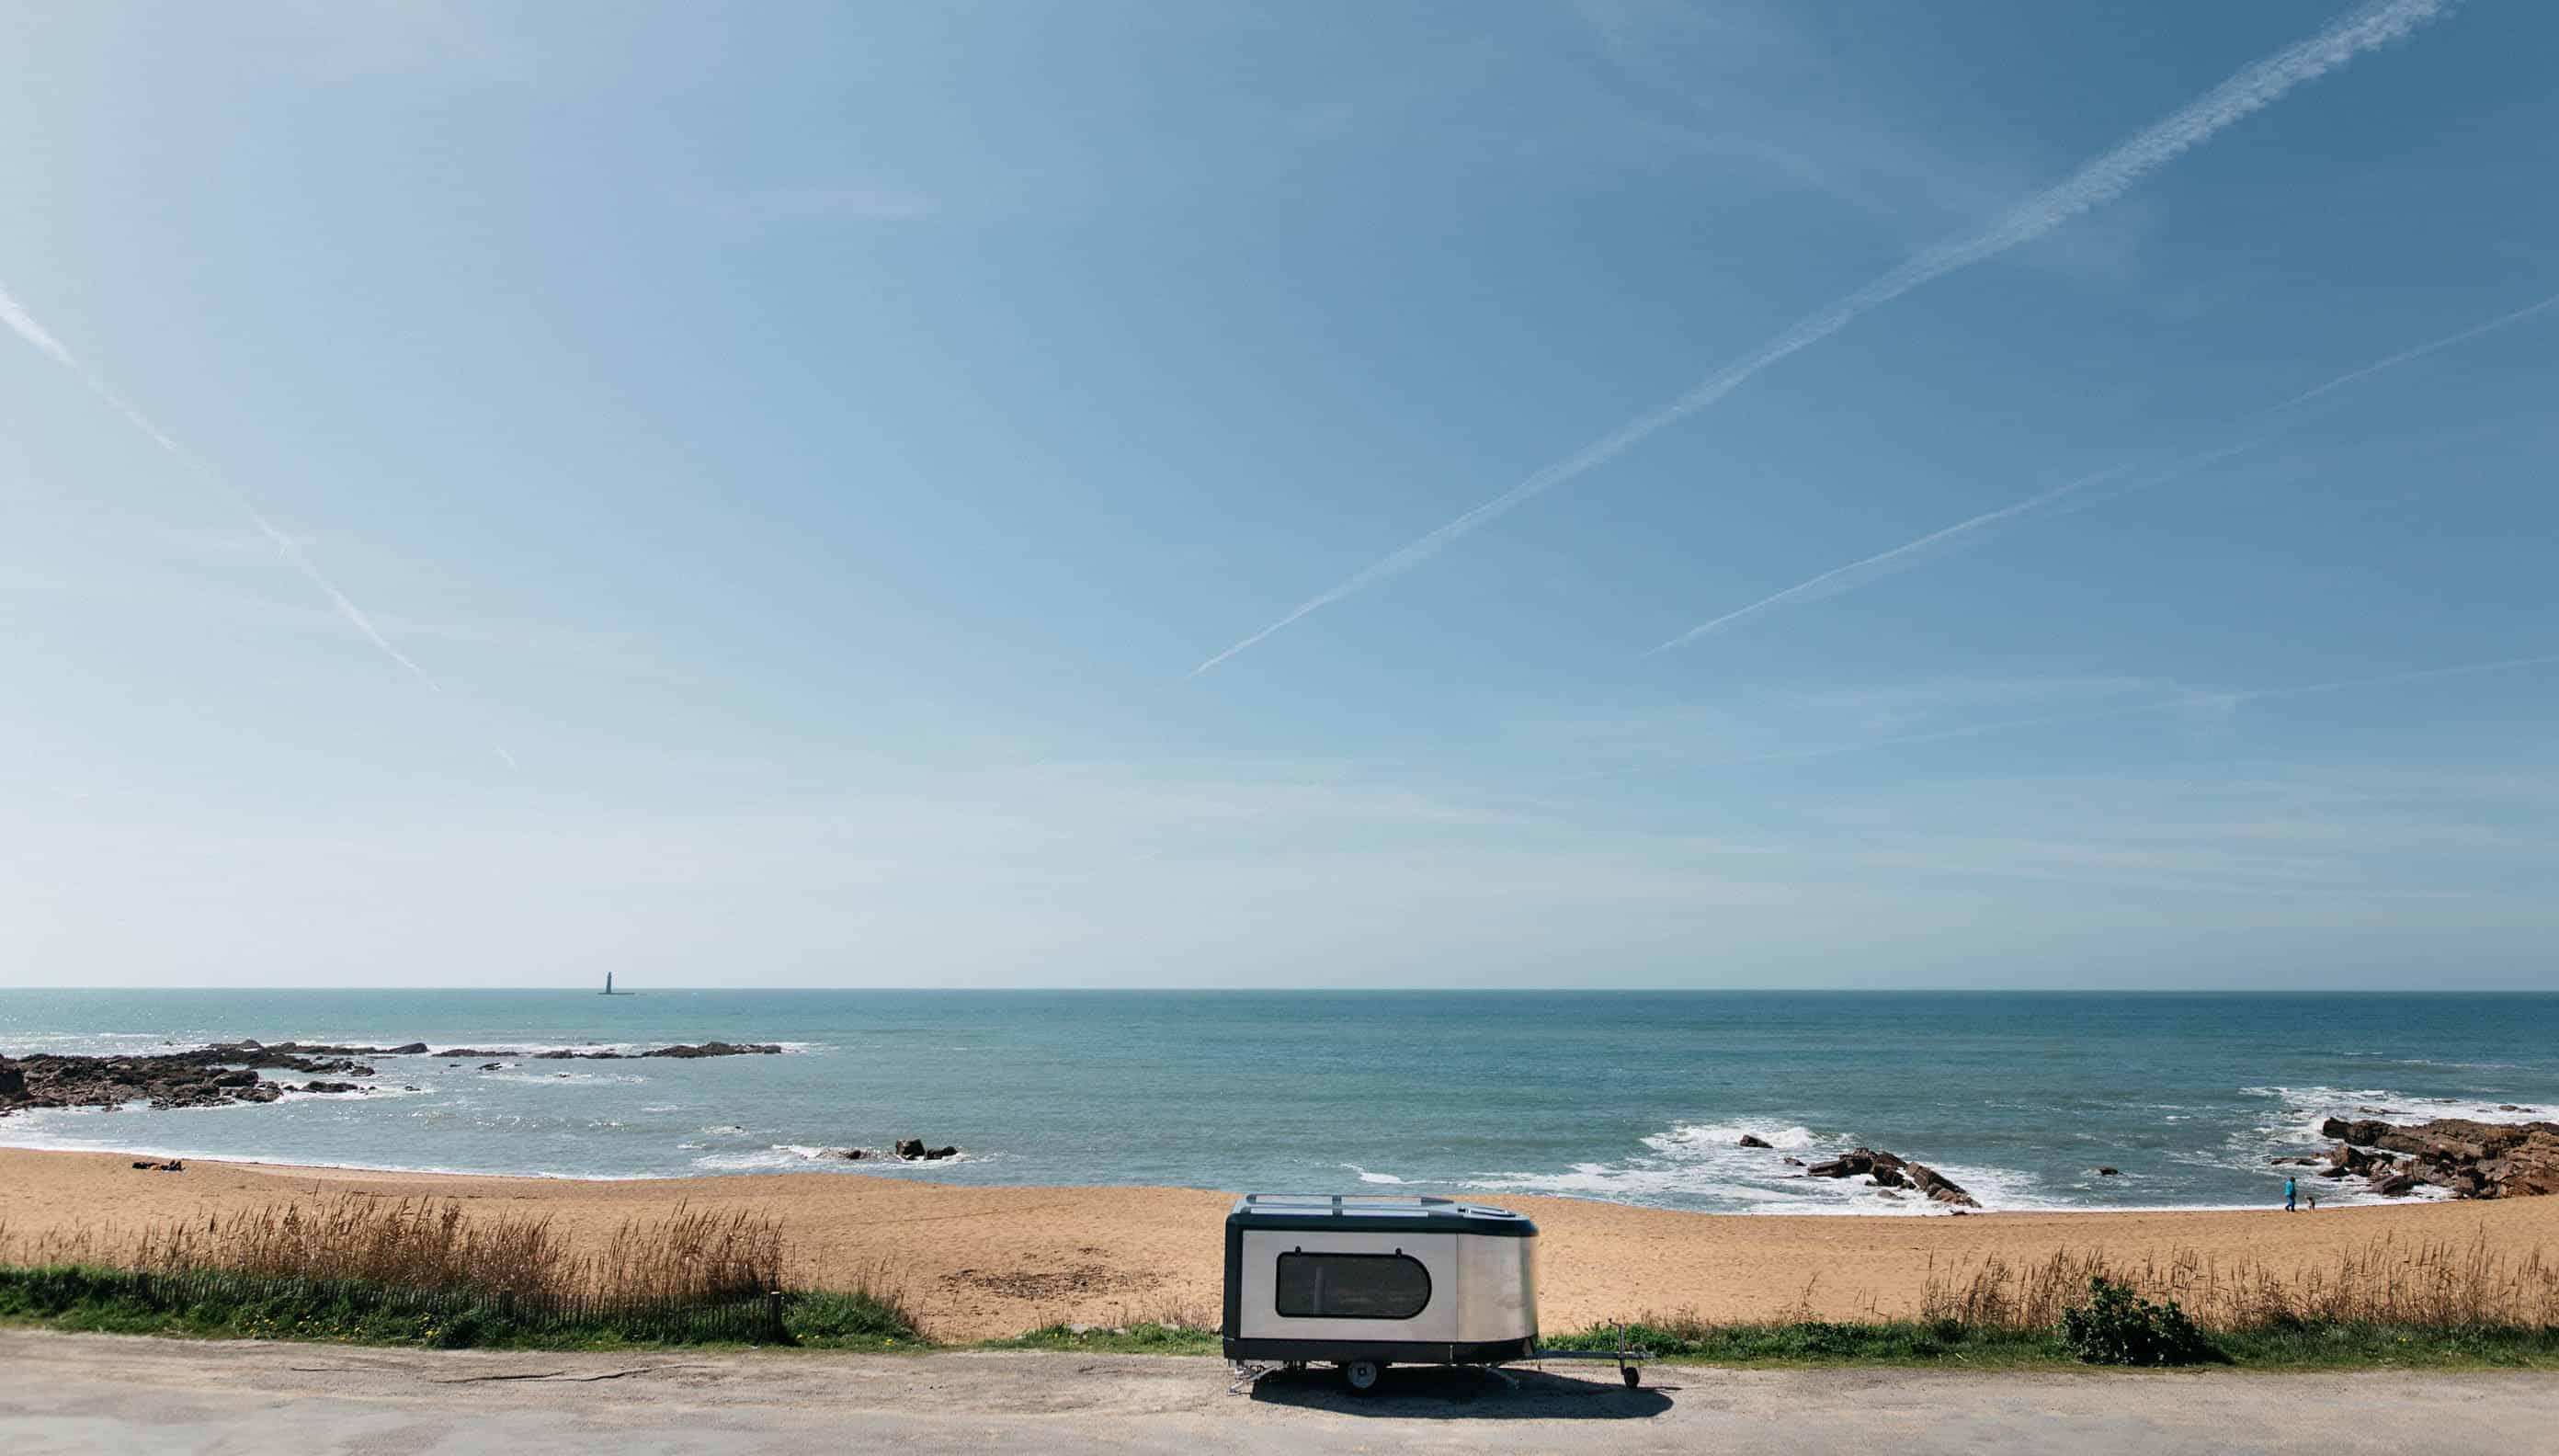 mejores playas de españa en autocaravana